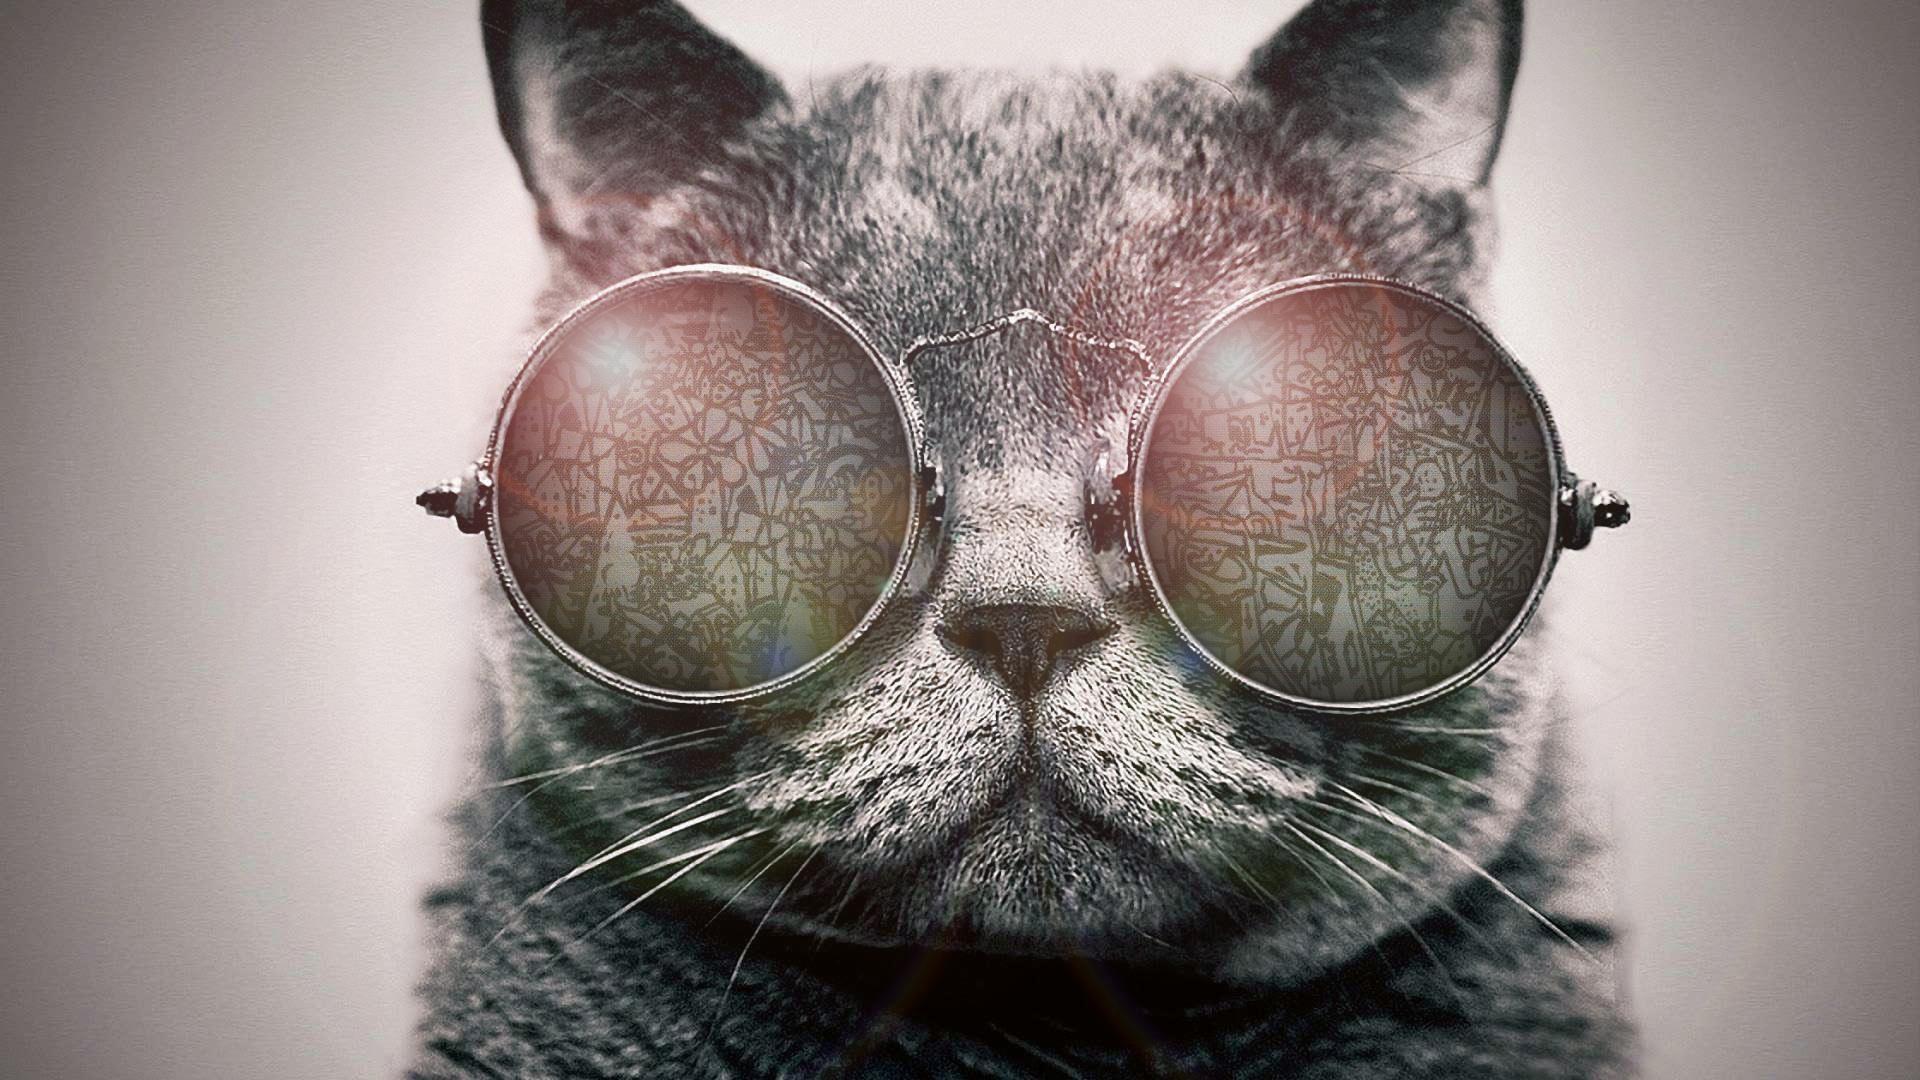 животноводстве обои на телефон с котиком в очках чем начать